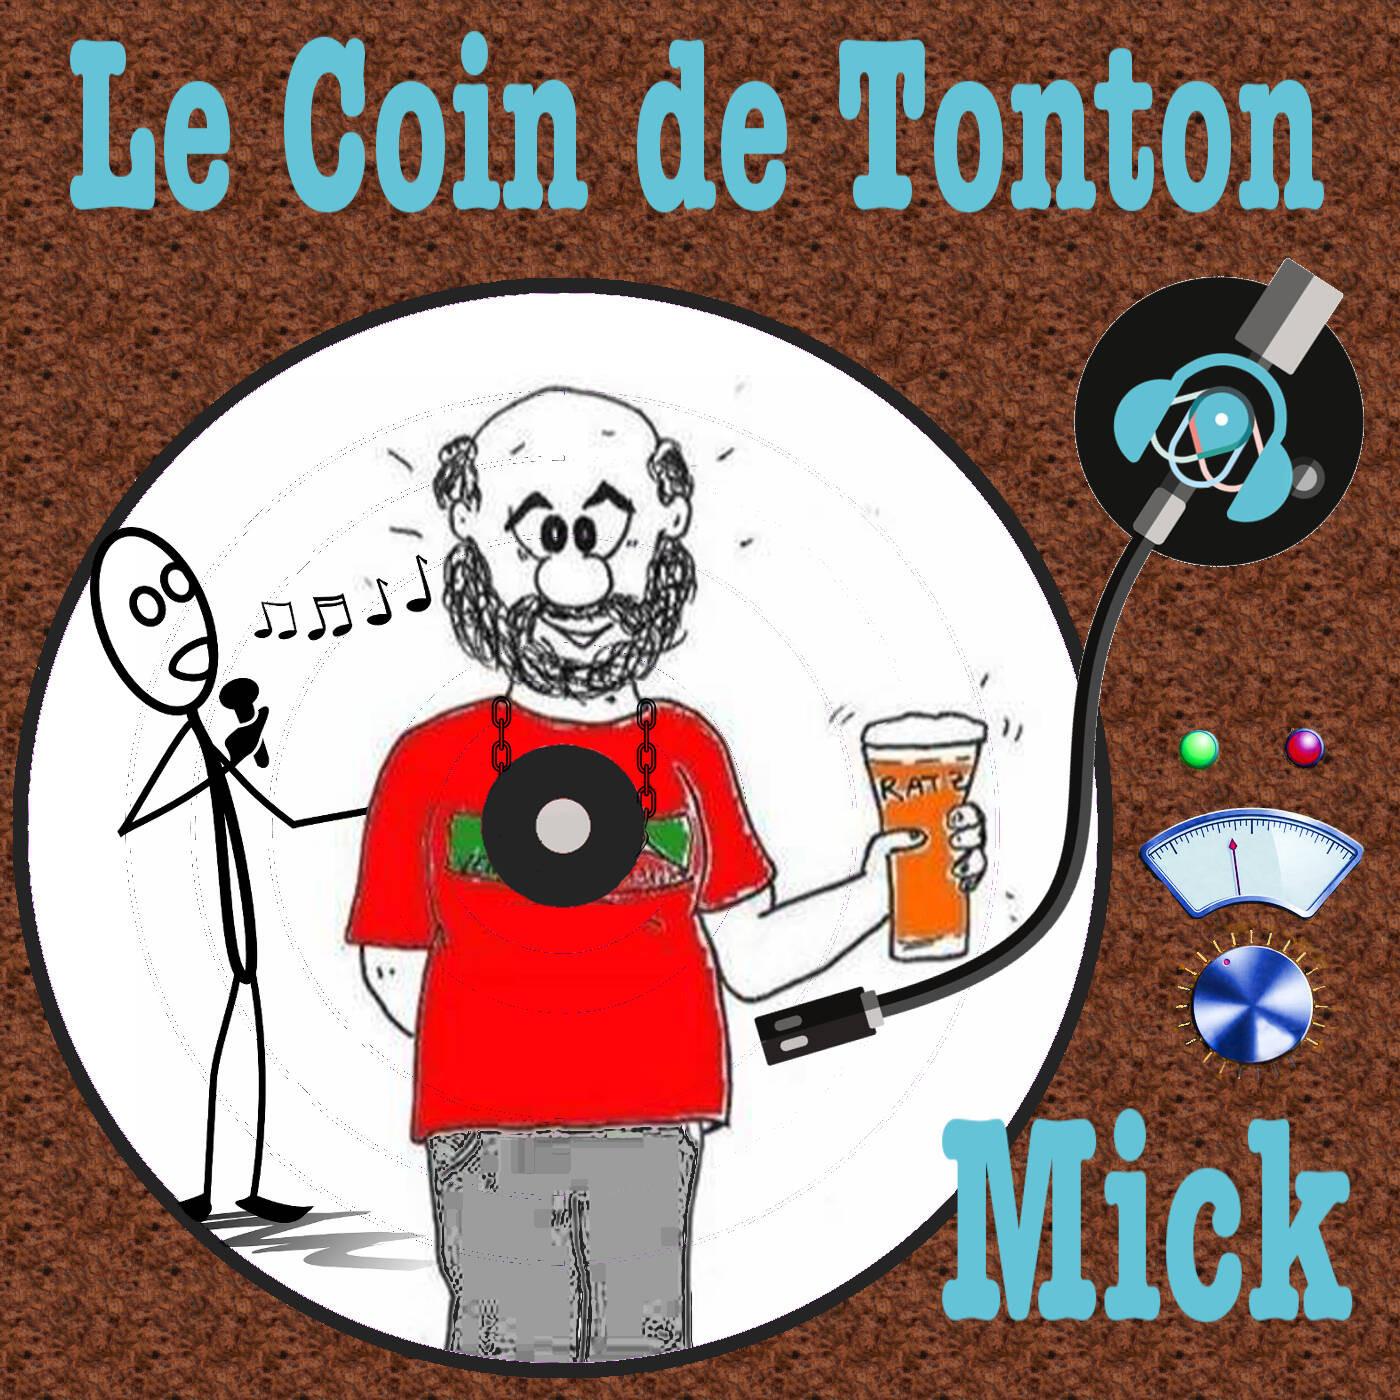 LE COIN DE TONTON MICK S1E8 - En acoustique et en direct